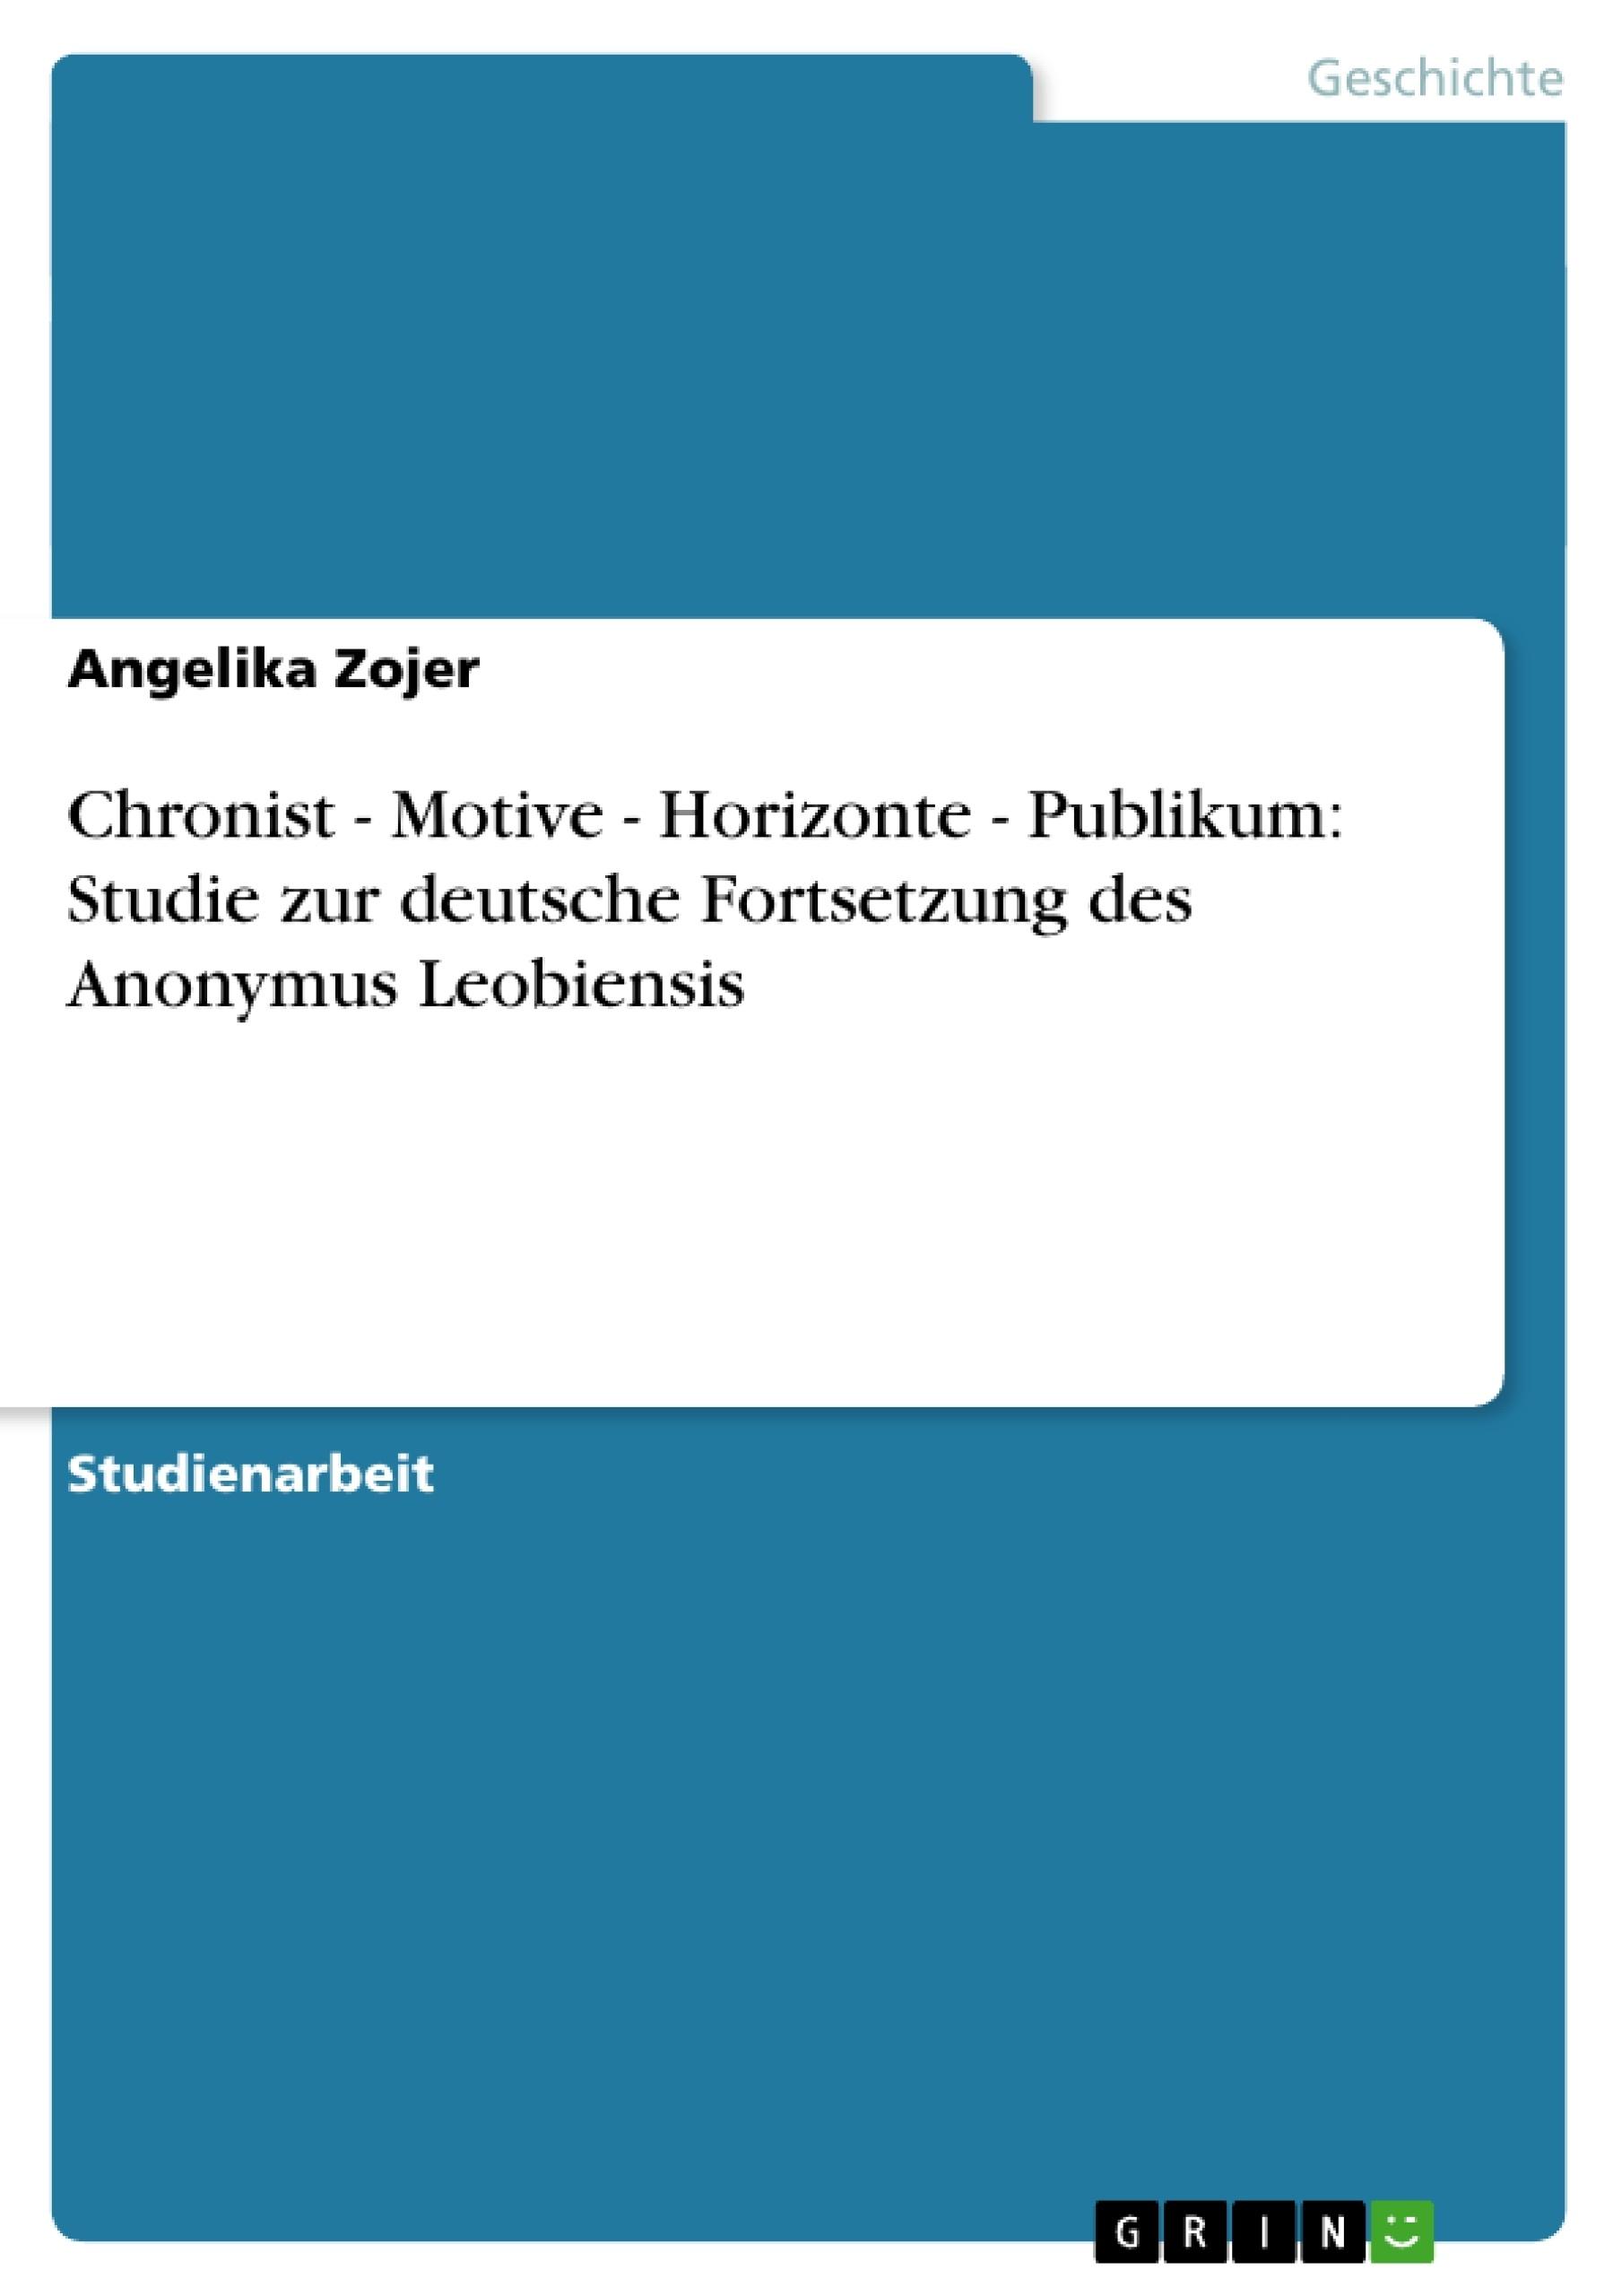 Titel: Chronist - Motive - Horizonte - Publikum: Studie zur deutsche Fortsetzung des Anonymus Leobiensis